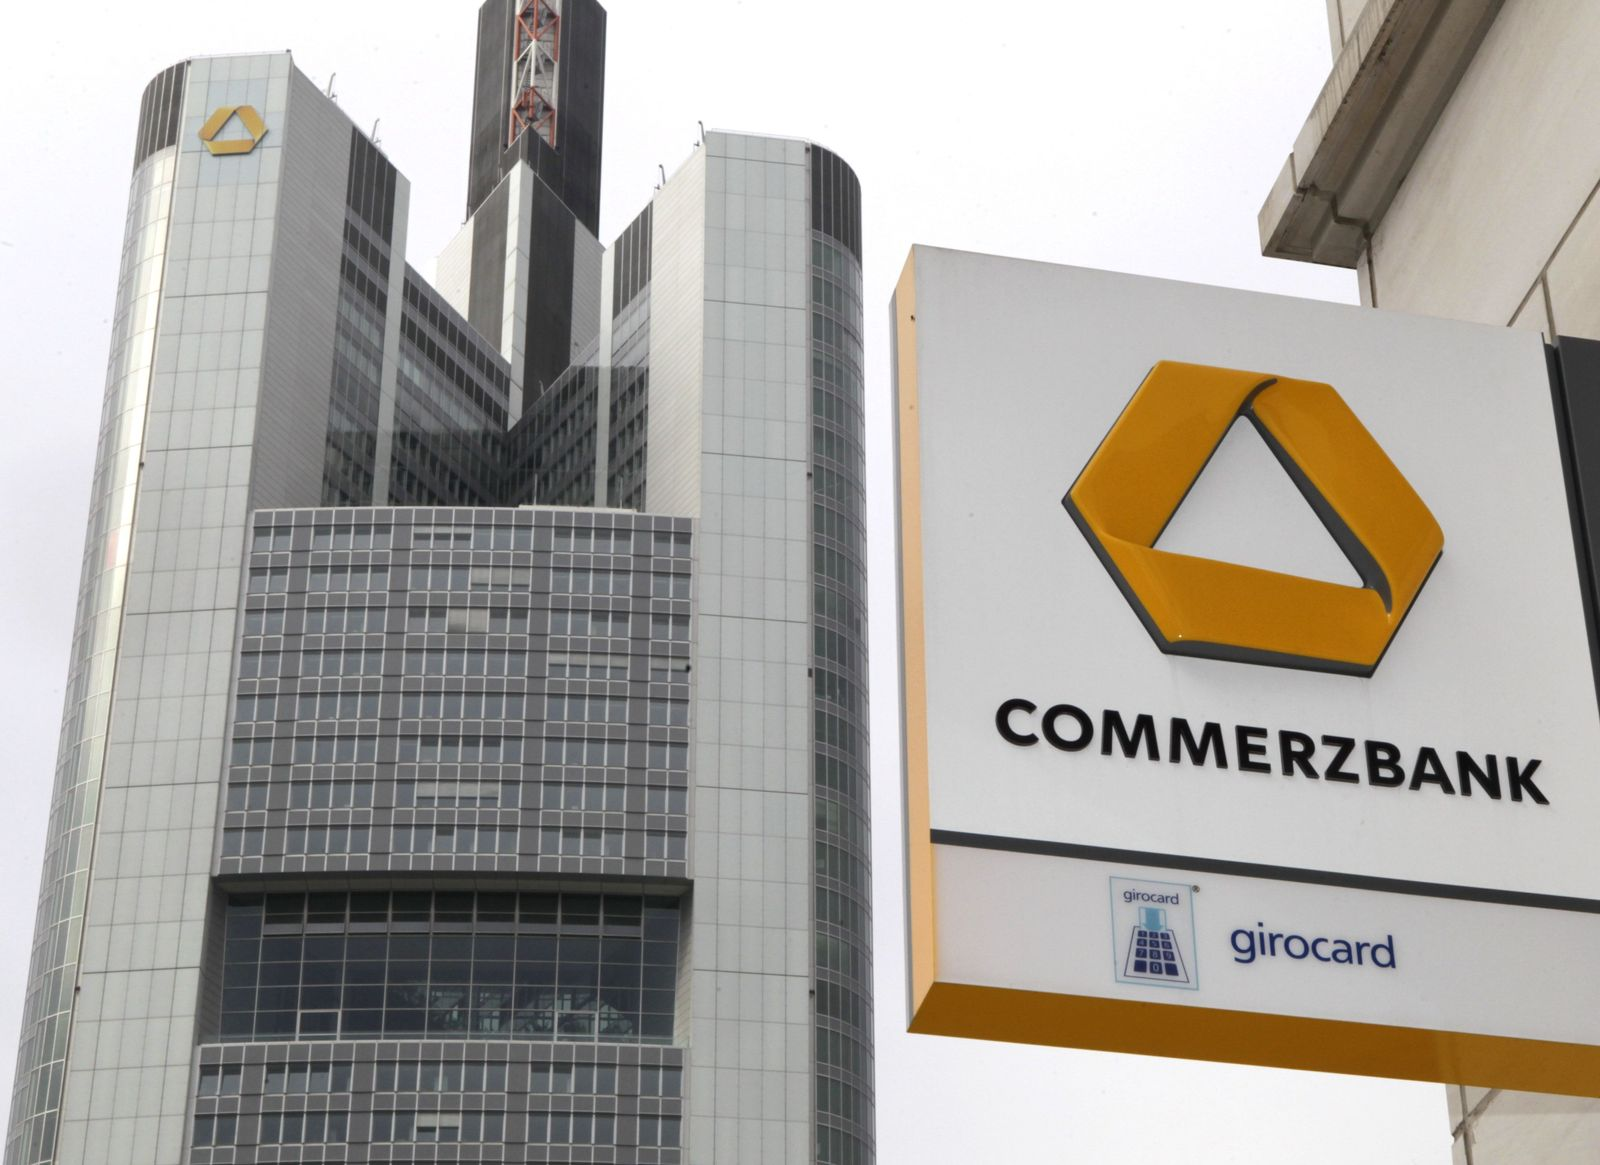 NICHT VERWENDEN Unternehmen/Commerzbank/Dresdner Bank